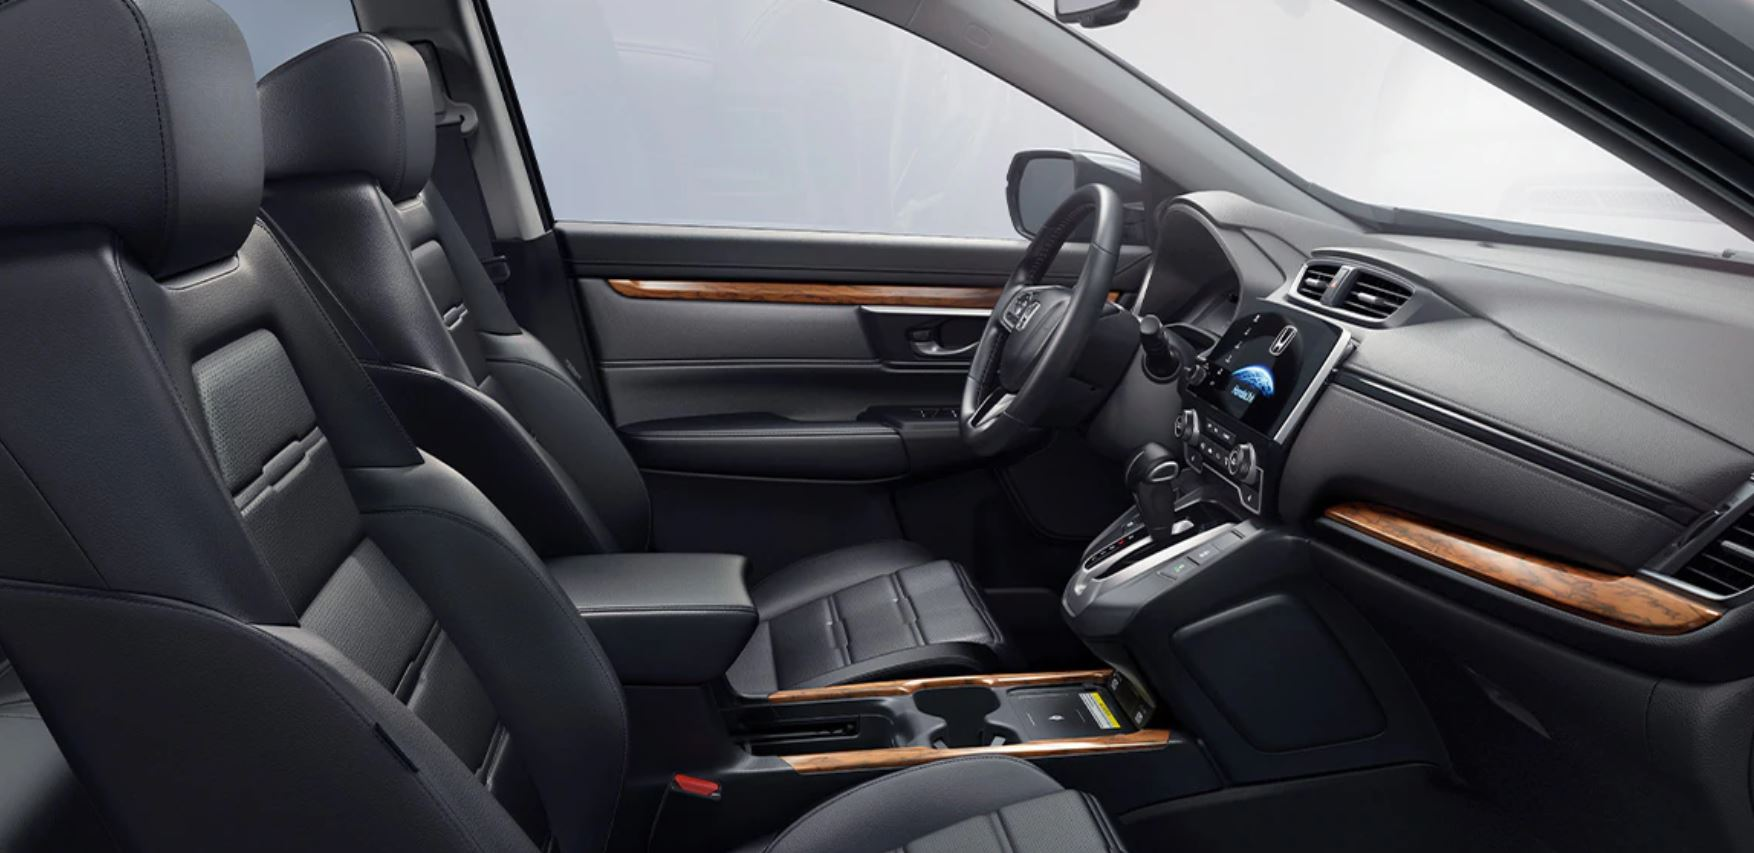 Front Row in the 2020 Honda CR-V